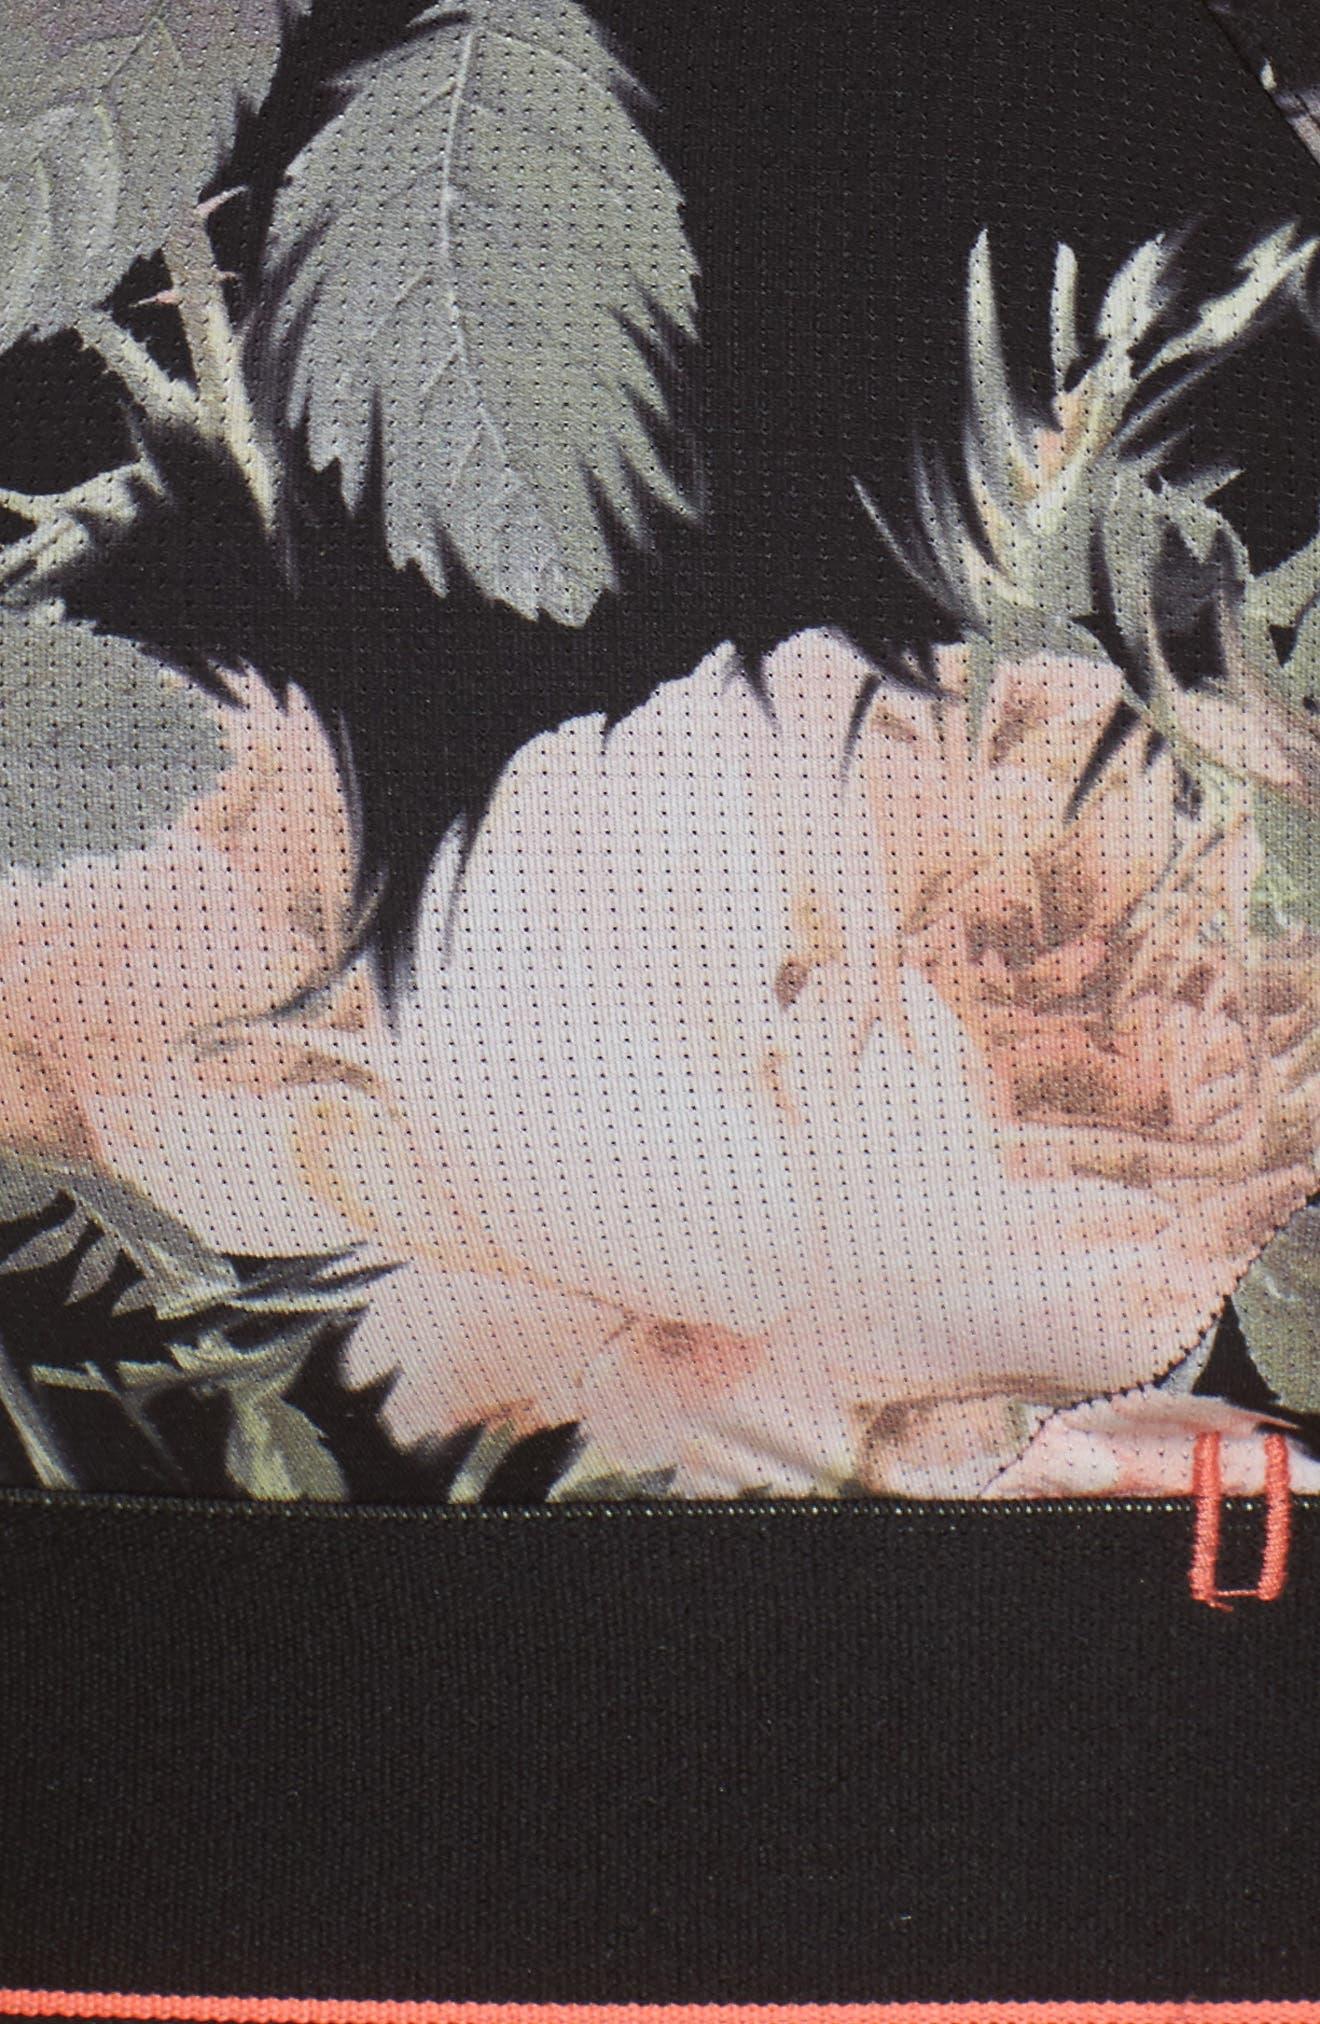 Beau Floral Tomboy Bralette,                             Alternate thumbnail 11, color,                             Black